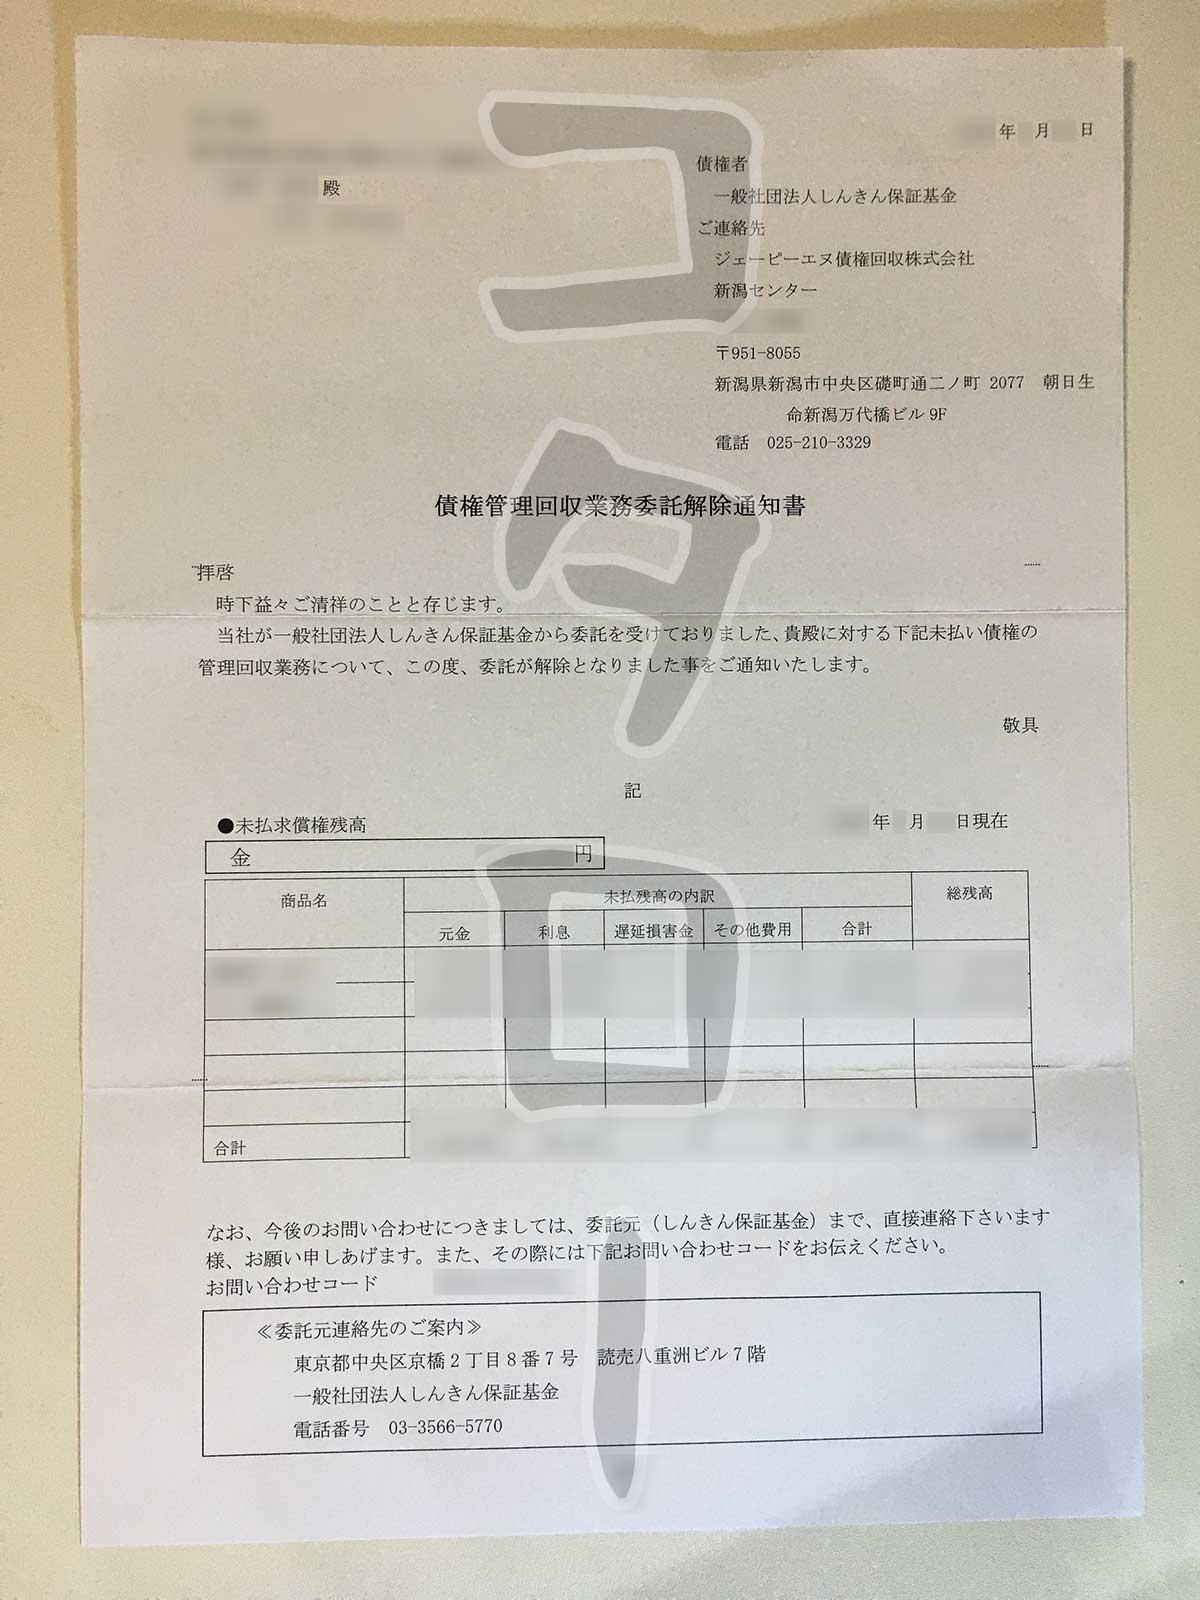 債権管理回収業務委託解除通知書